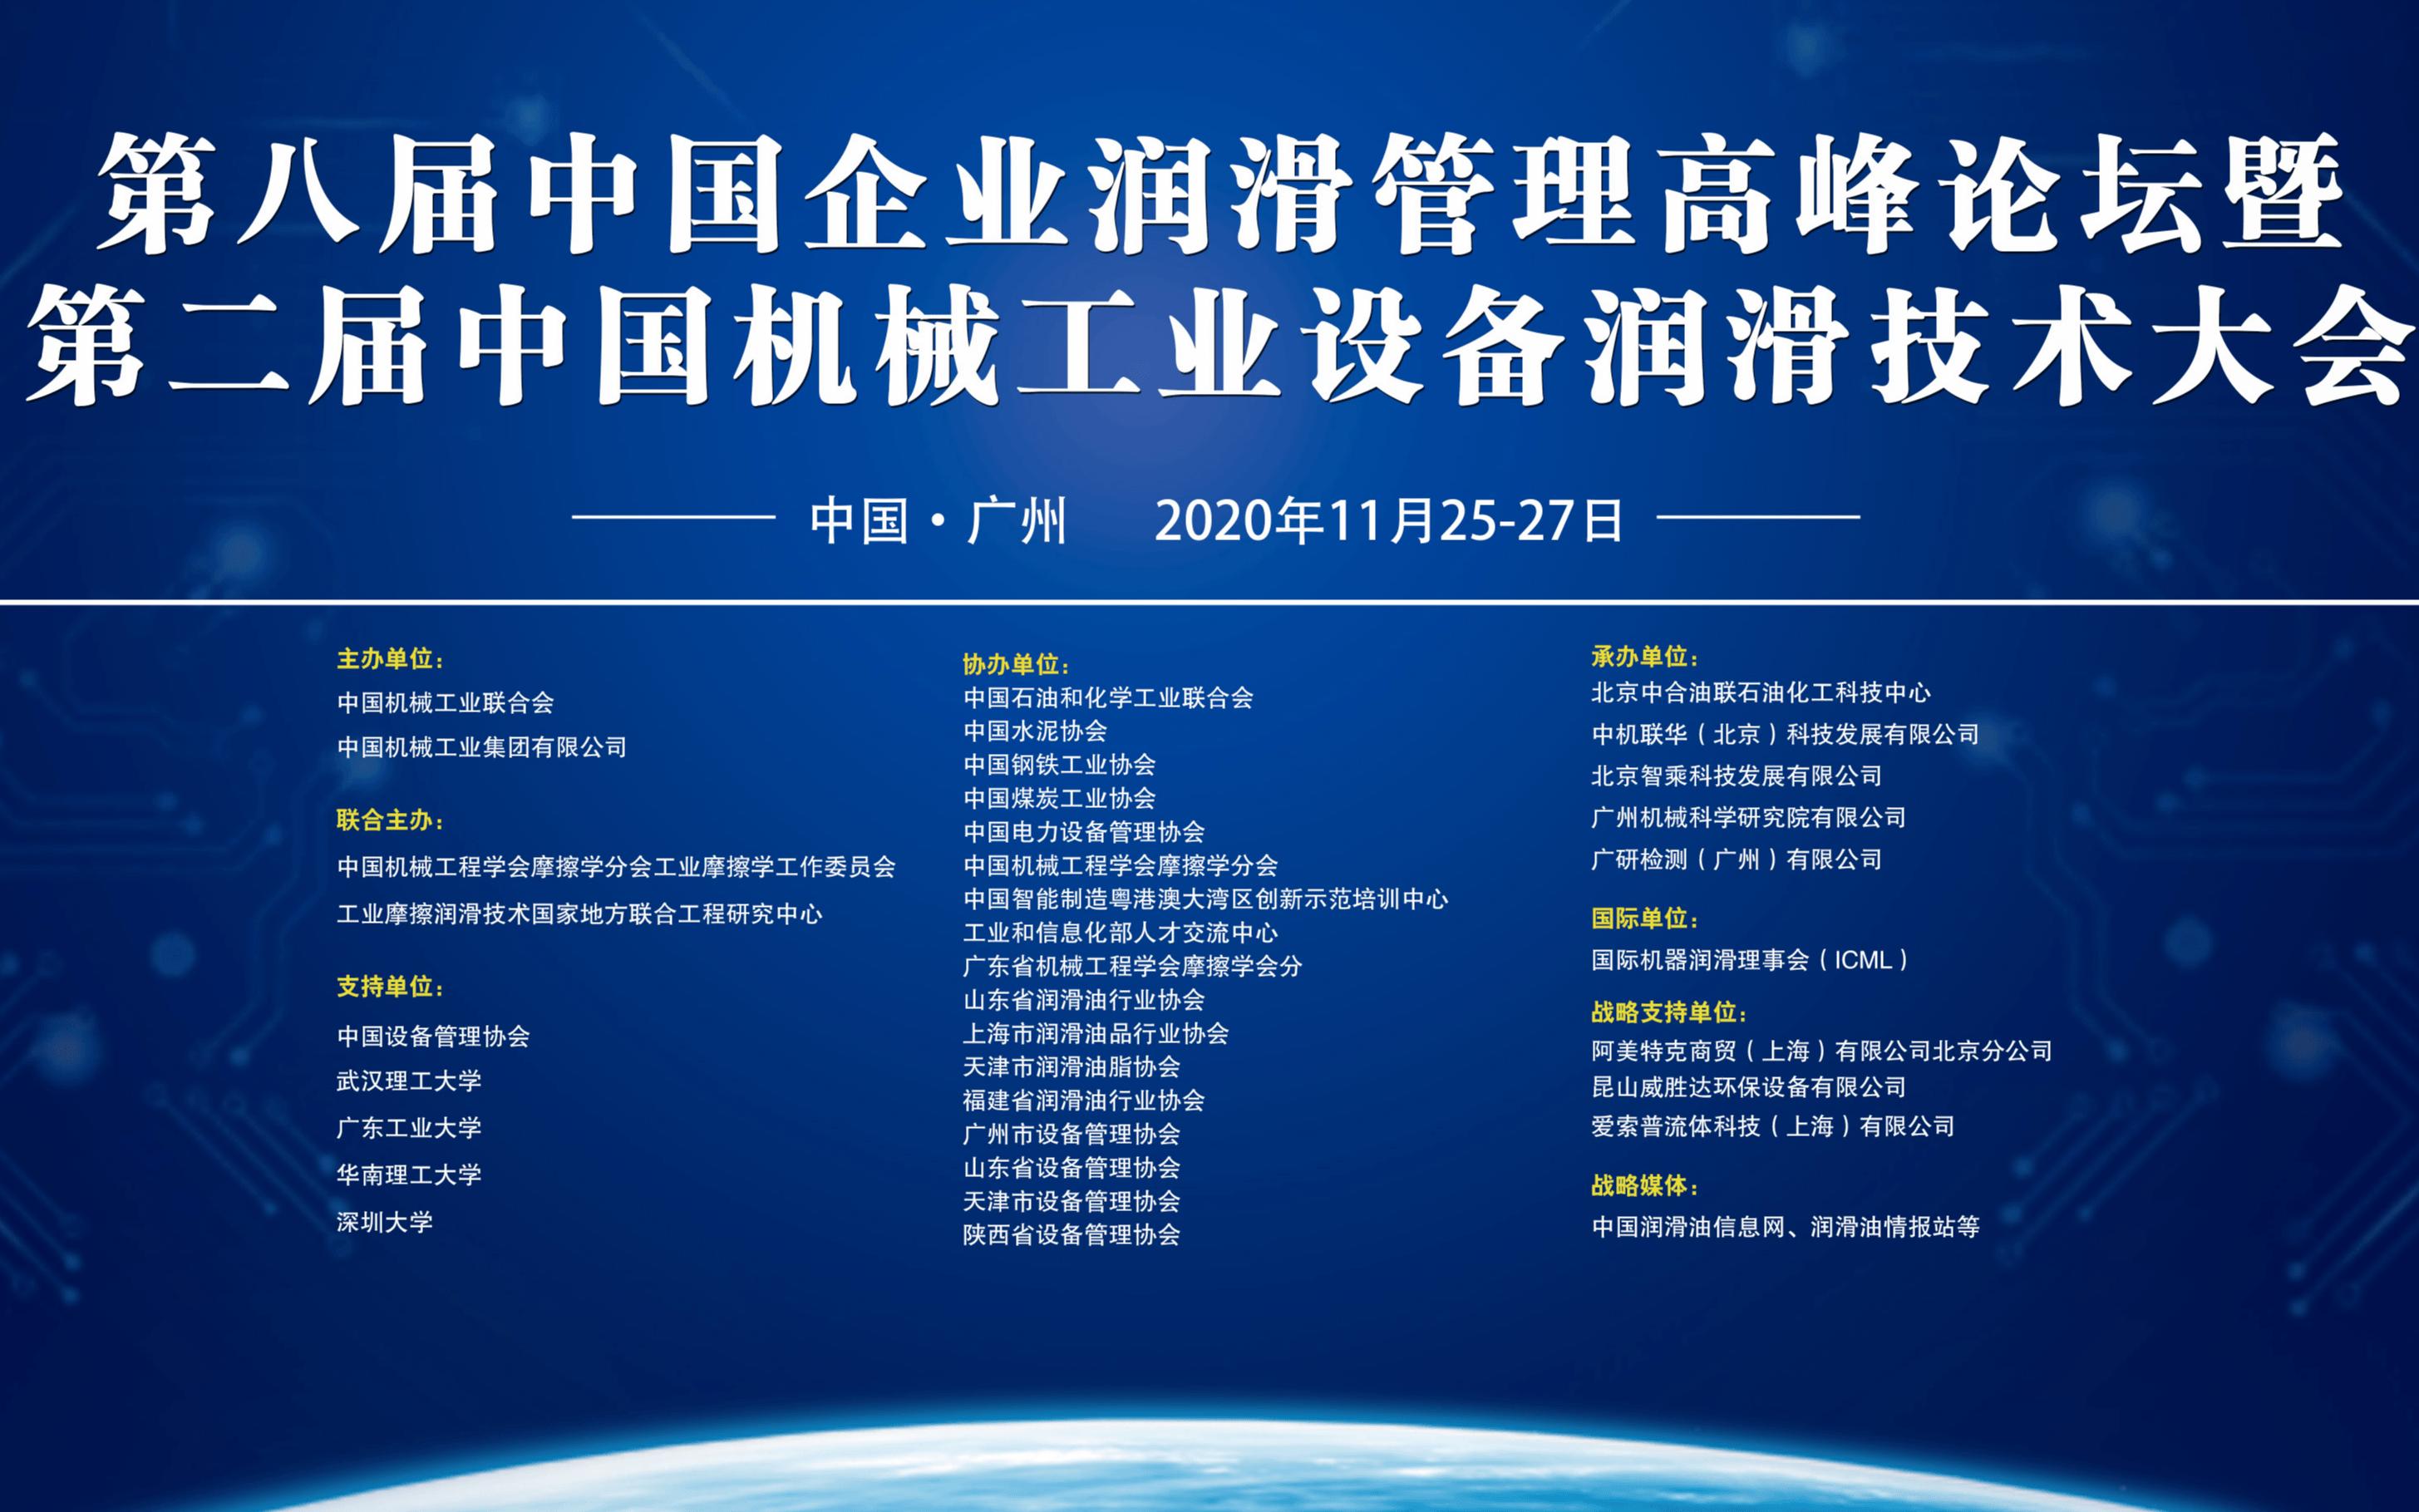 第八届中国企业润滑管理高峰论坛暨第二届中国机械工业设备智能润滑技术大会